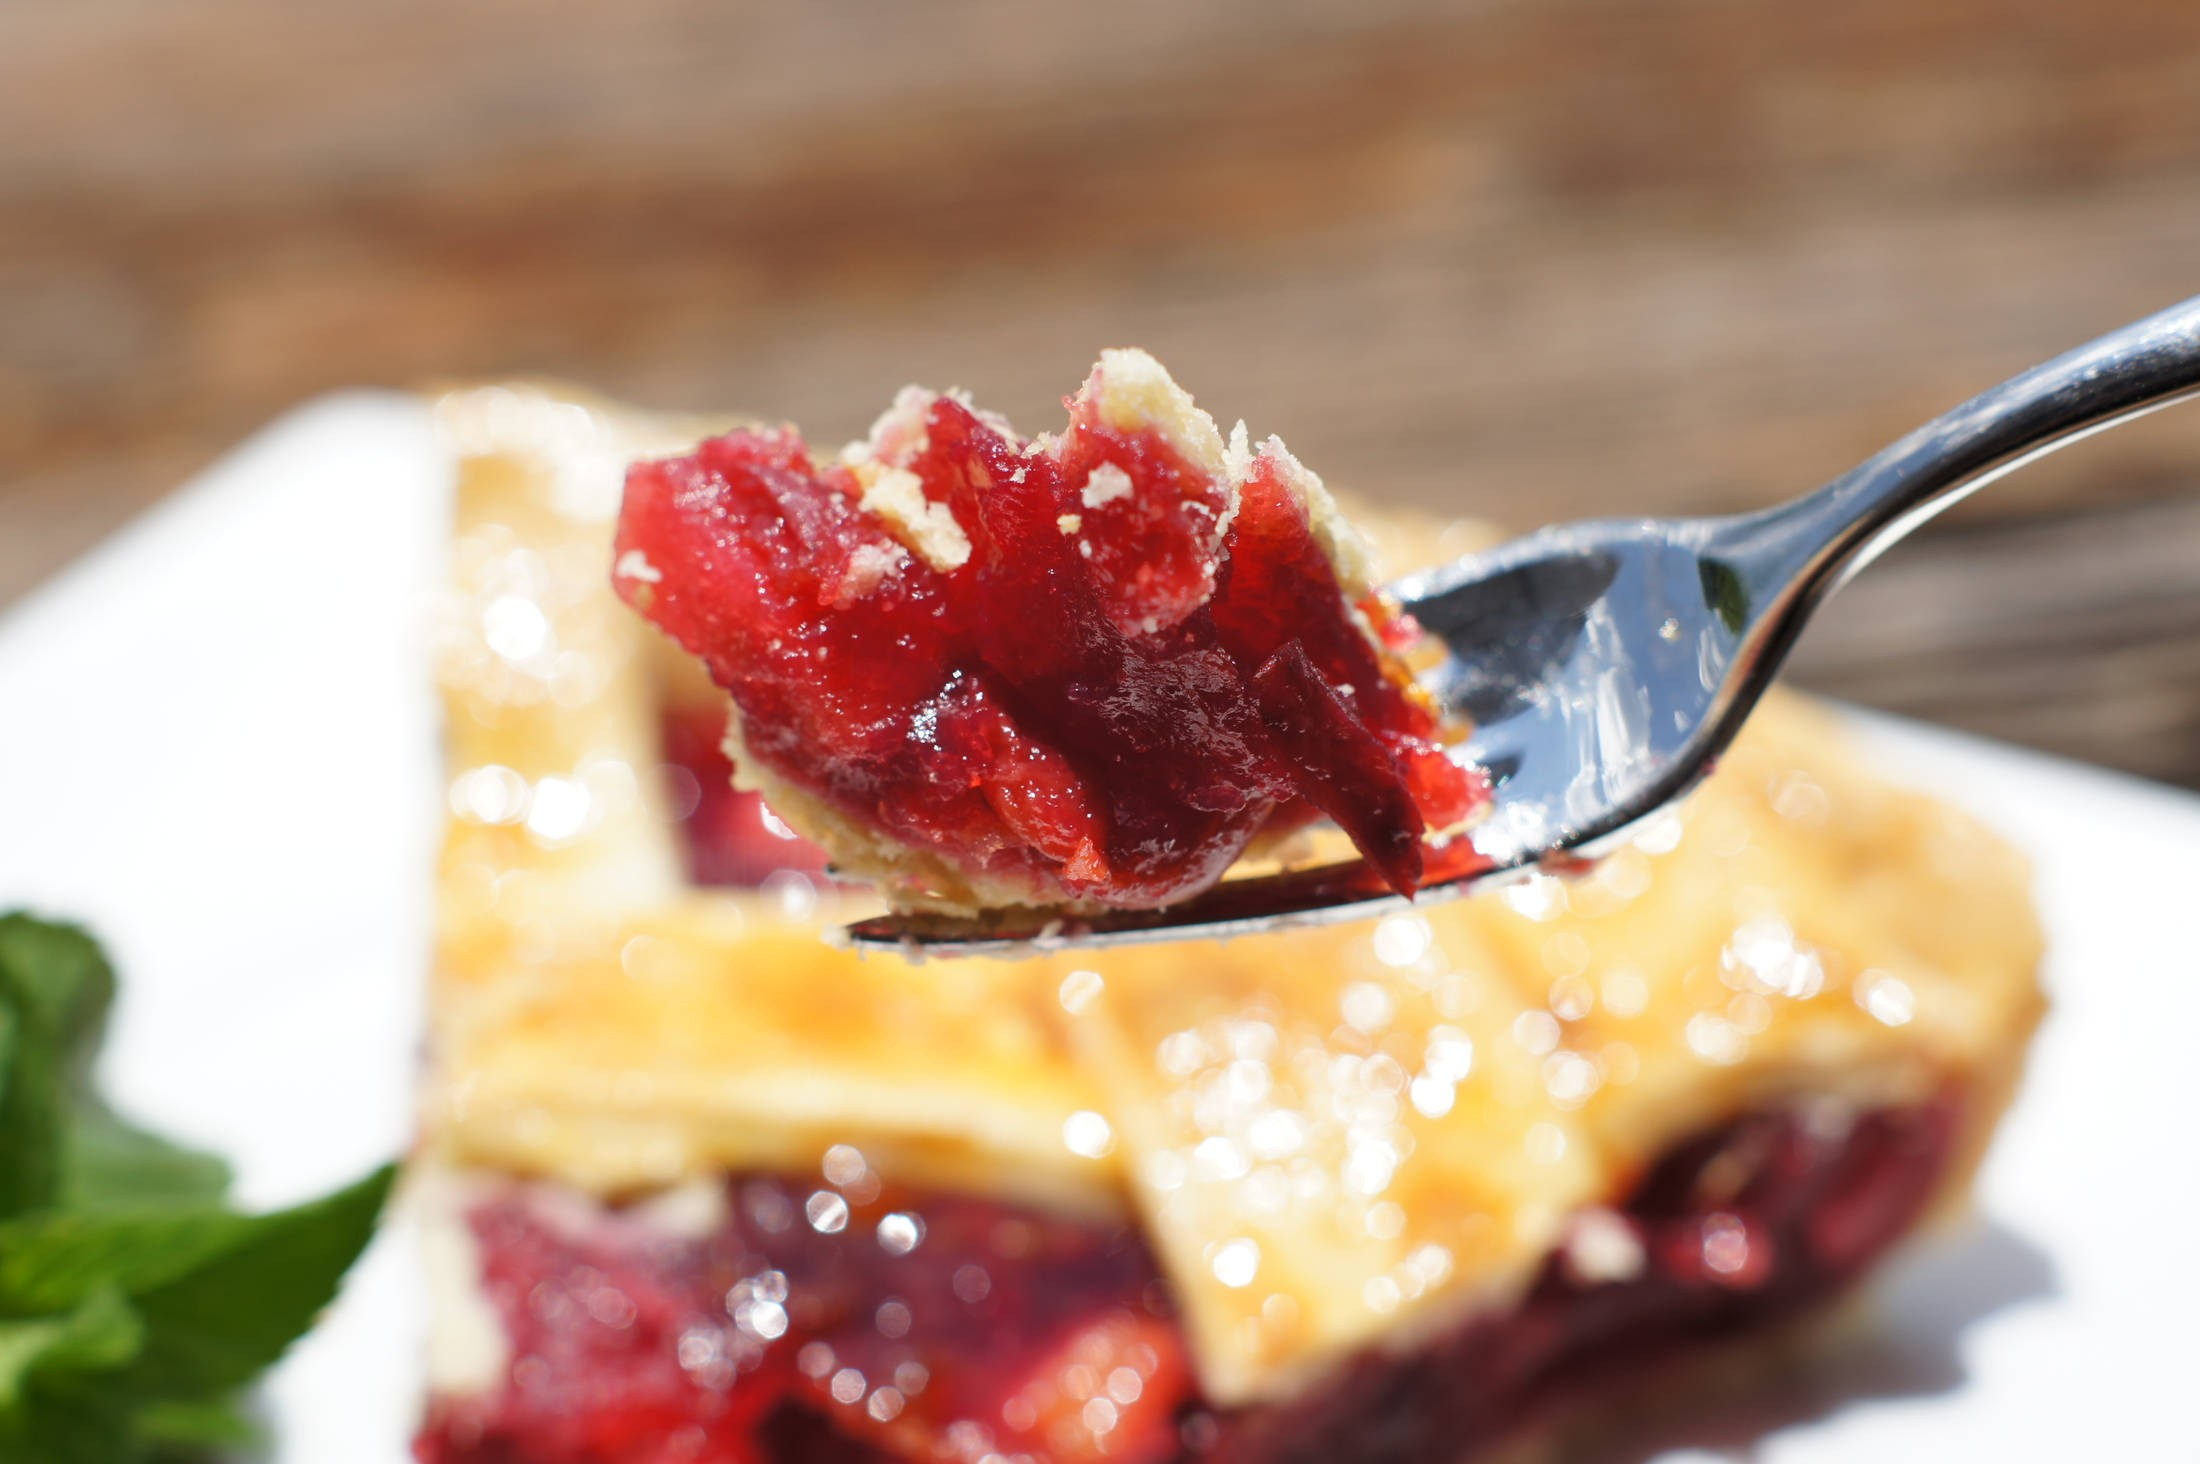 Tarta de cerezas Cherry Pie, una receta tradicional muy buena